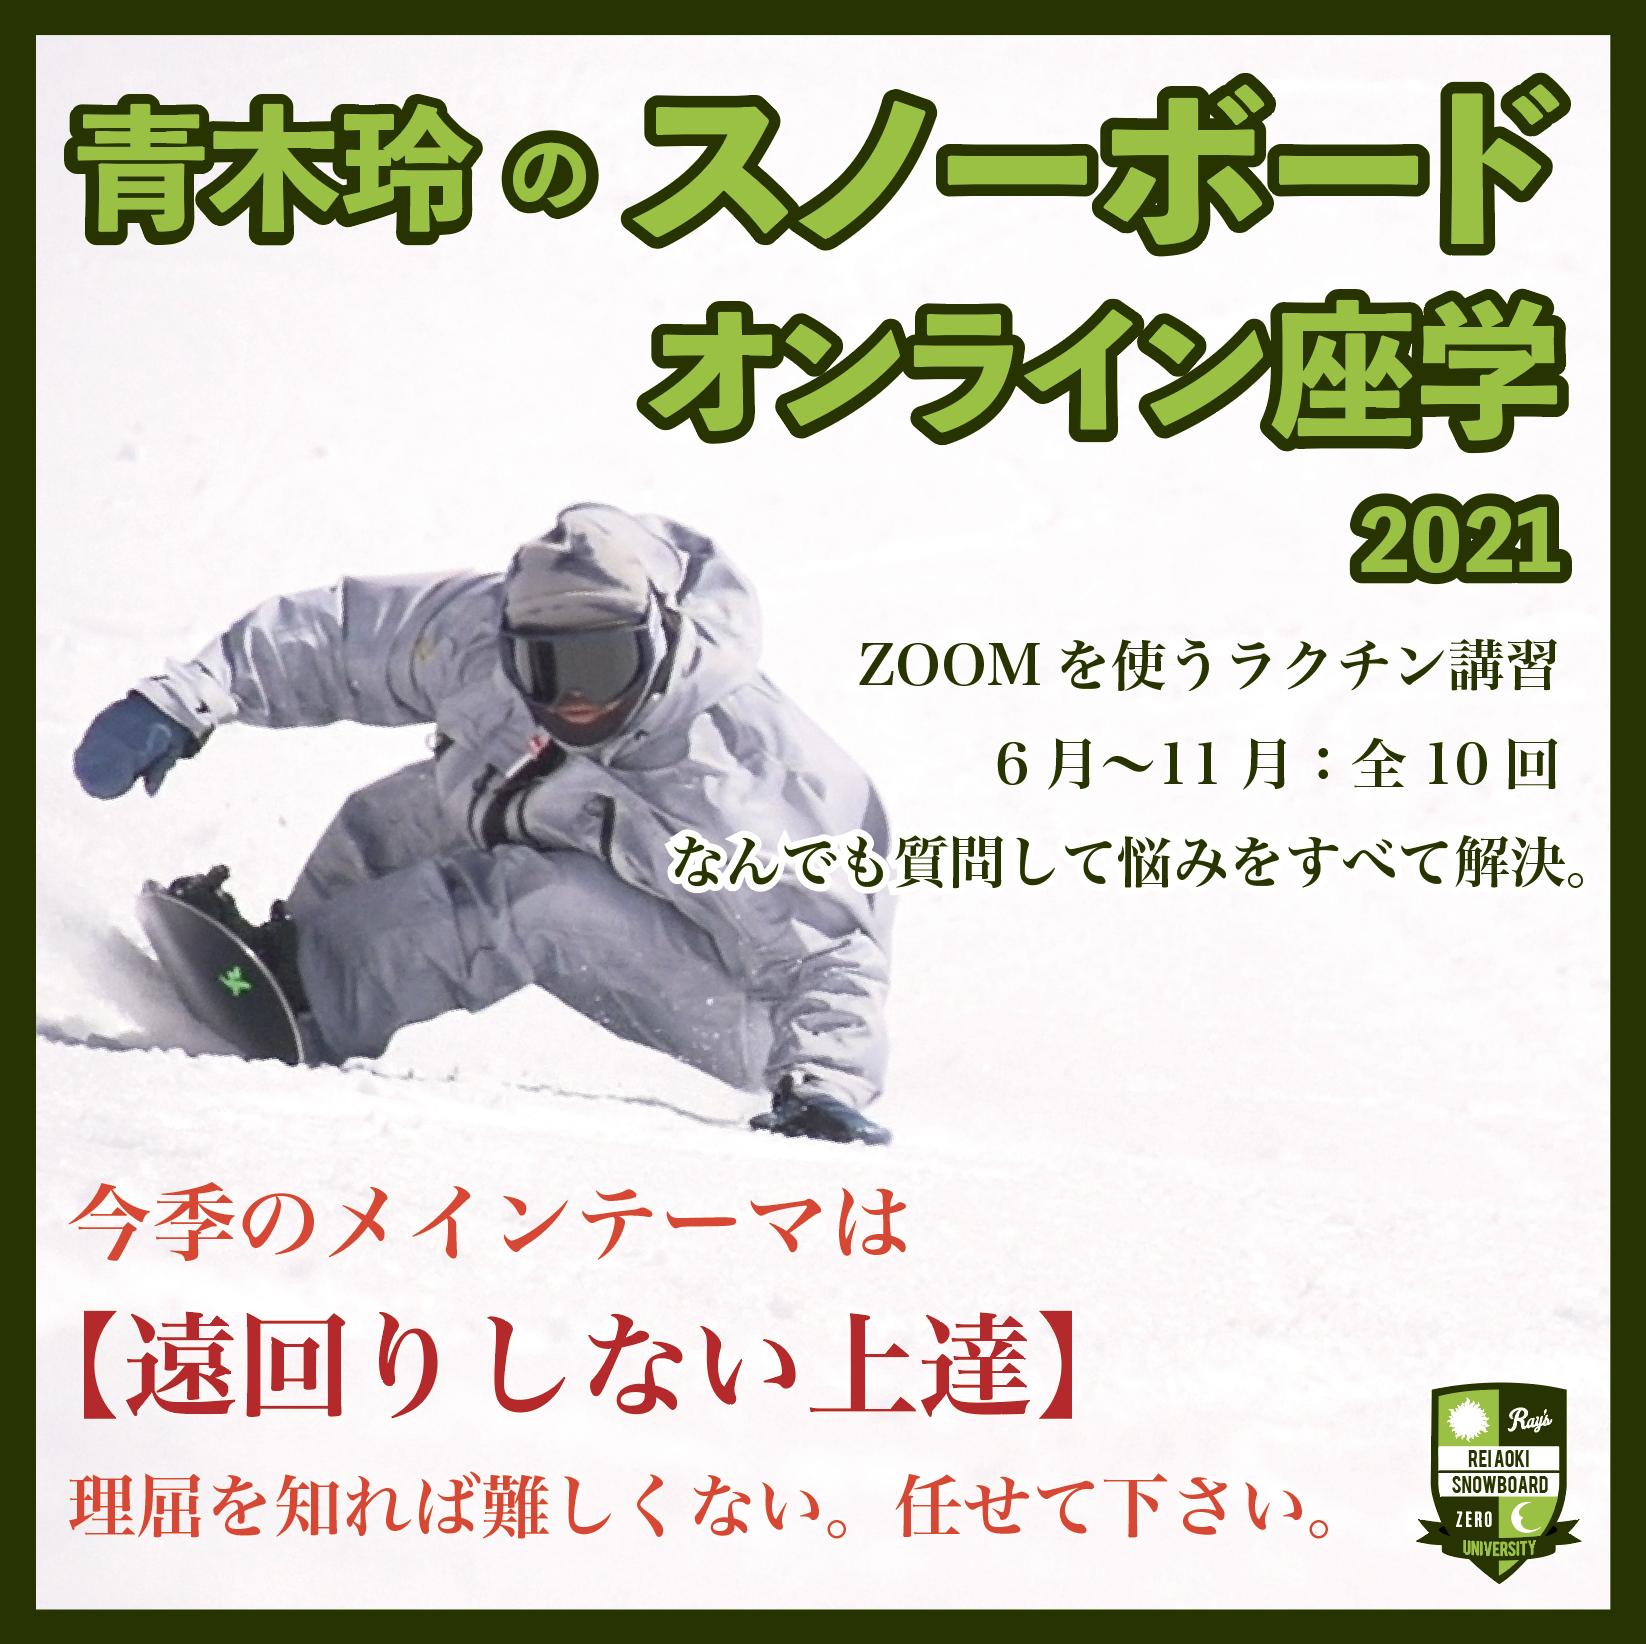 青木玲のスノーボード大学【2021オンライン座学】